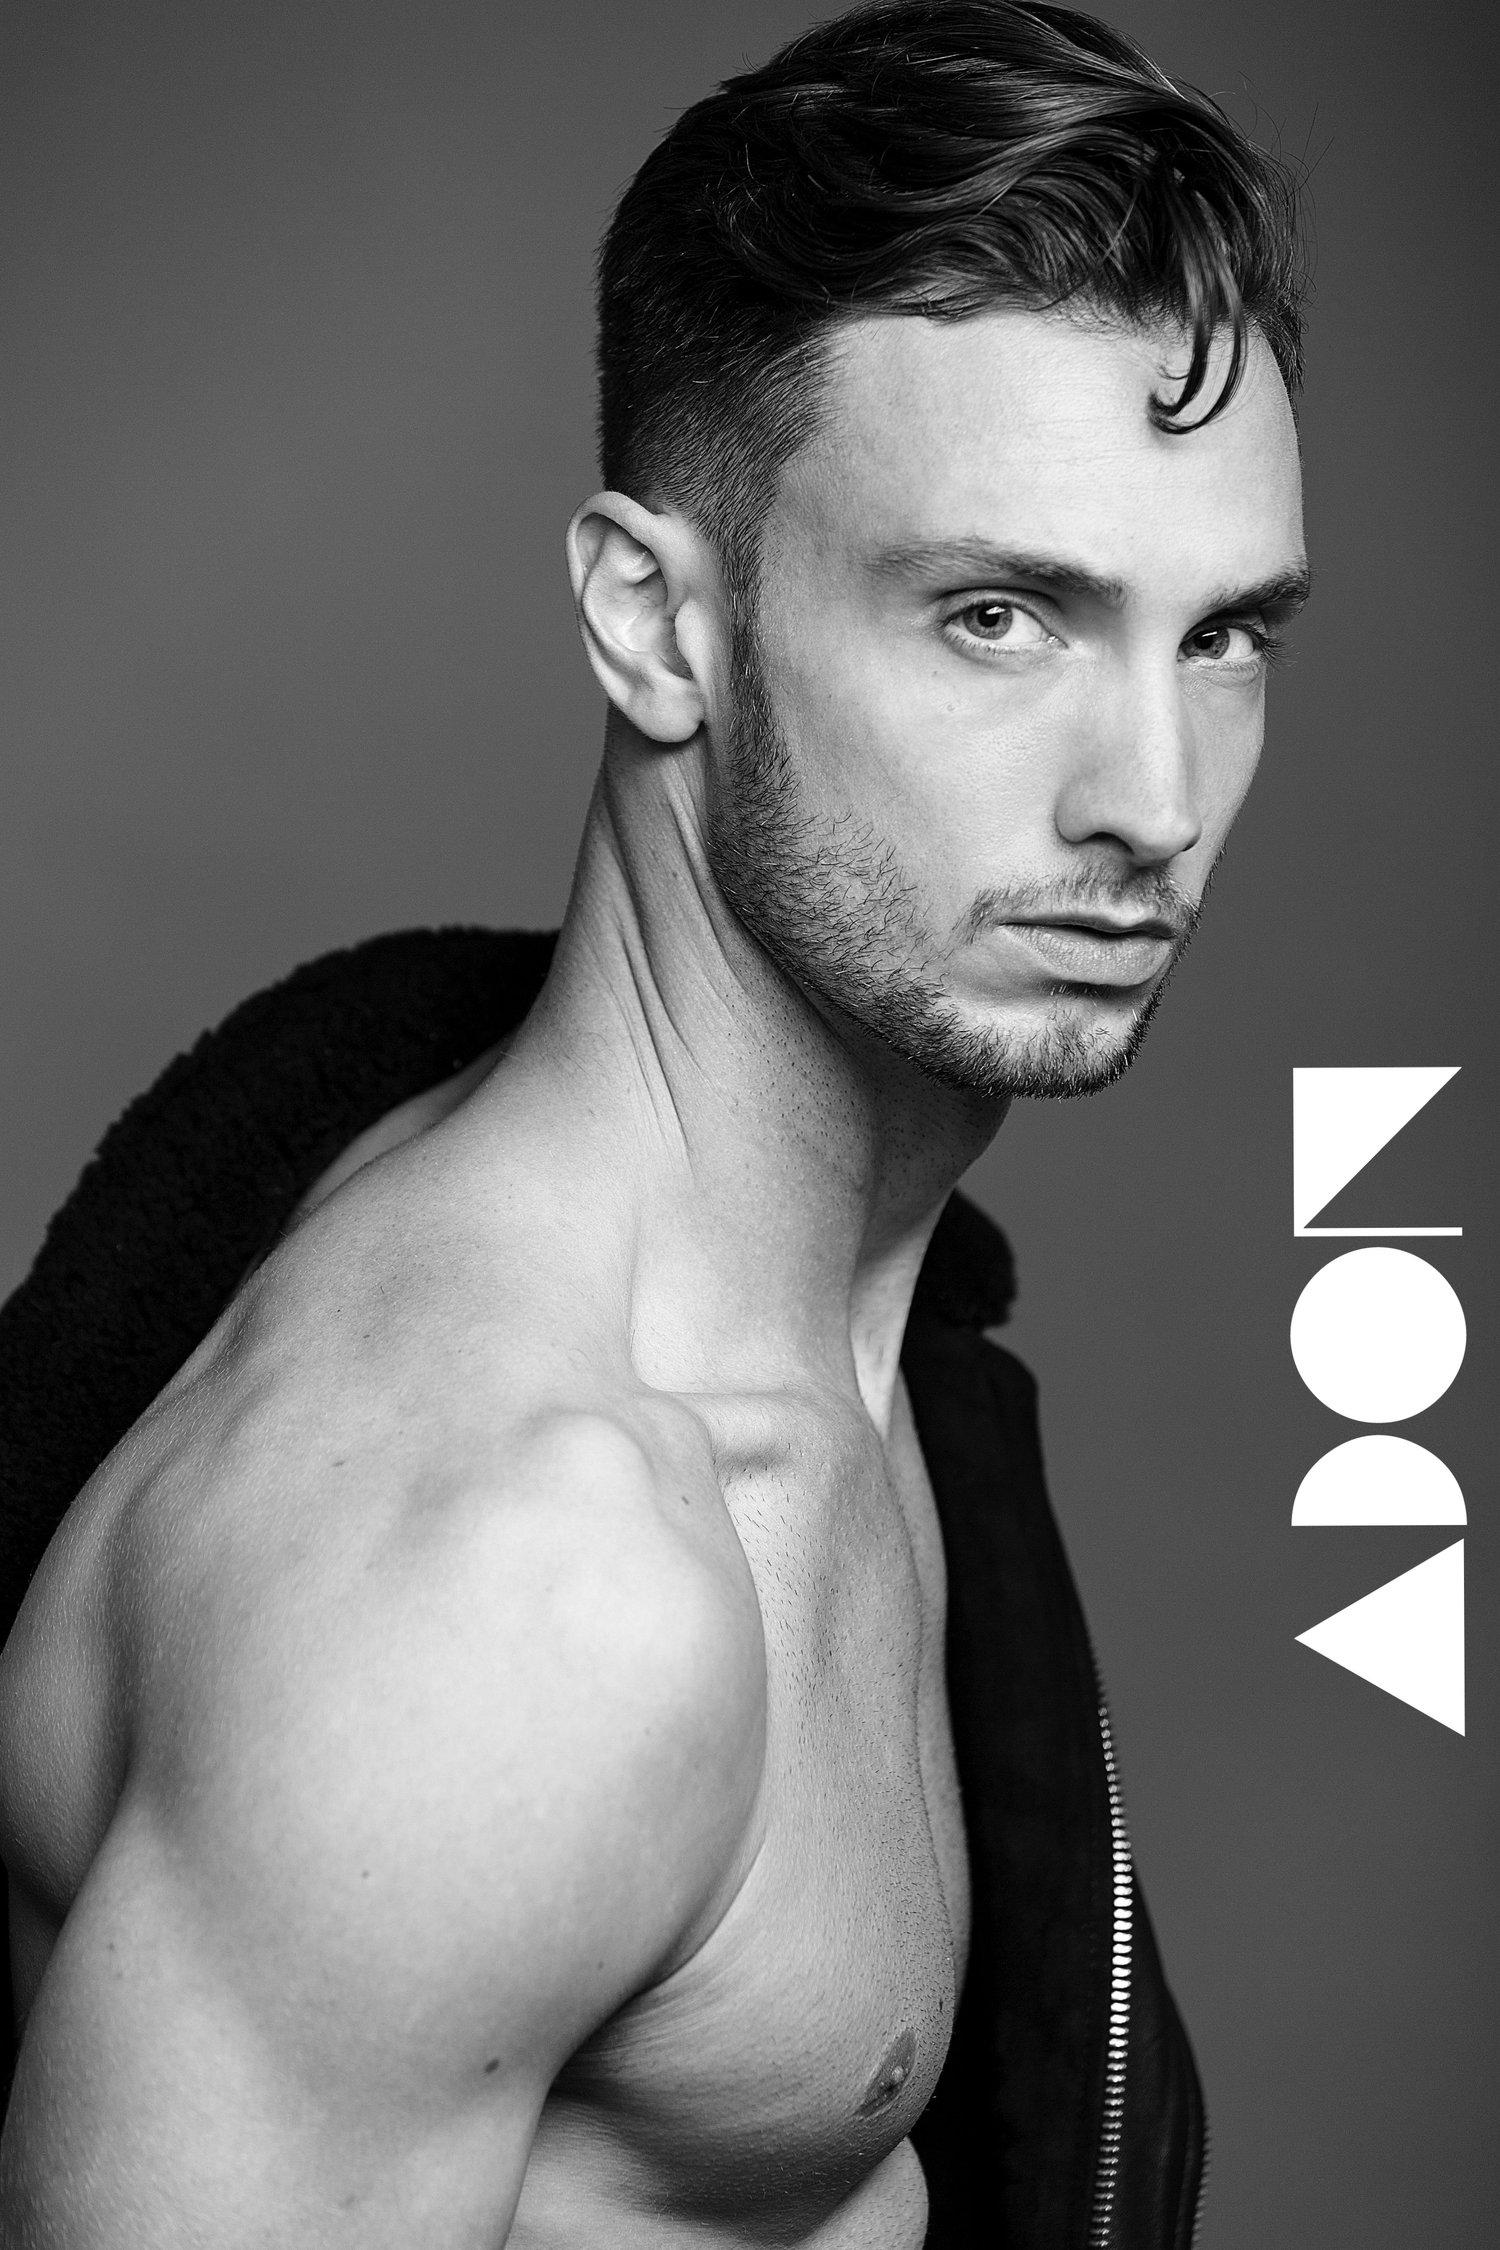 Adon Exclusive: Model Ben Irish By Nick Andrews